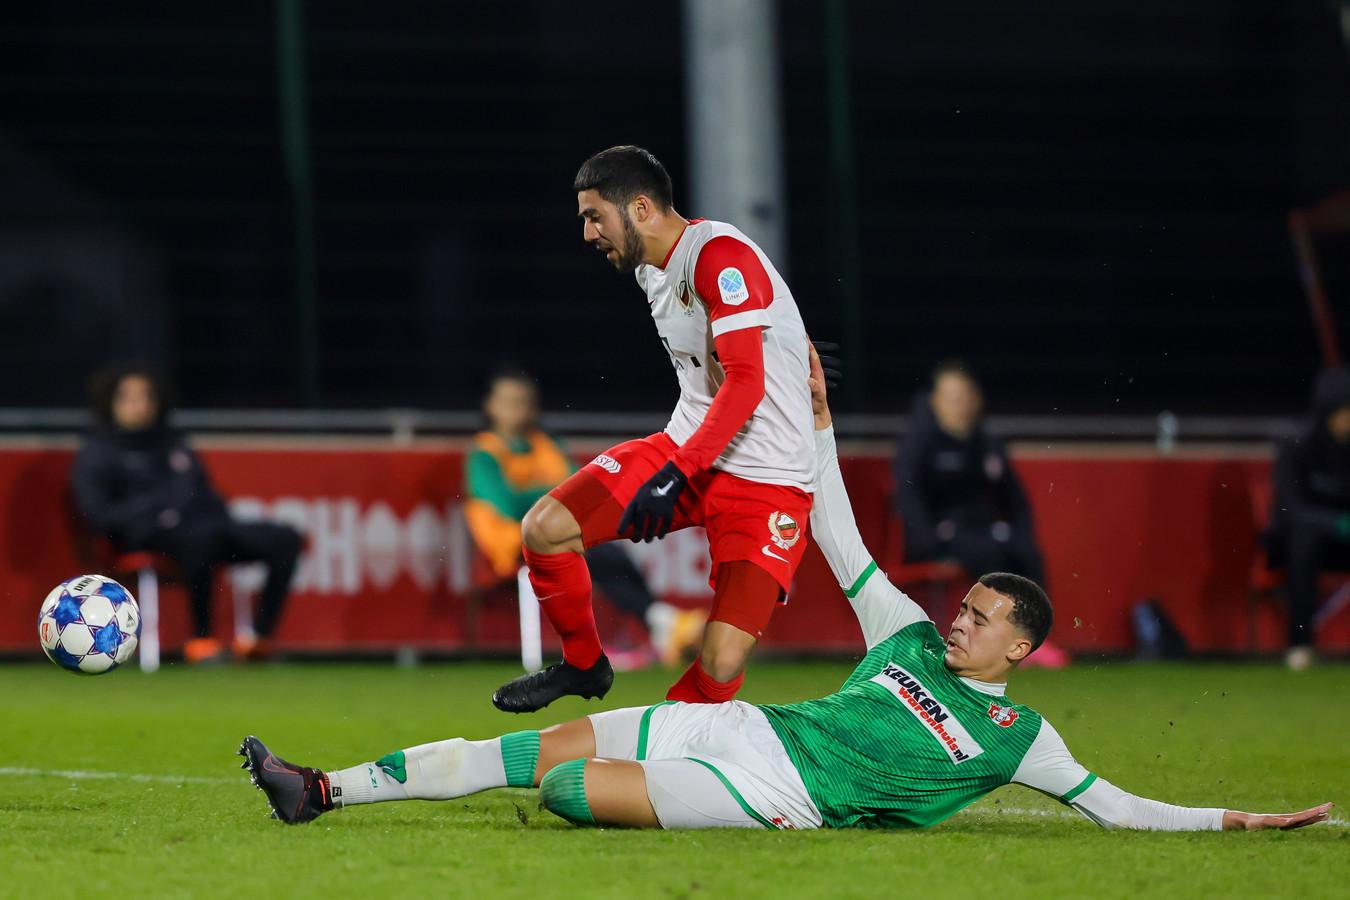 De jonge FC Dordrecht-verdediger Devon Koswal houdt Mohamed Mallahi - maker van de 3-1 - ditmaal wél van scoren af.